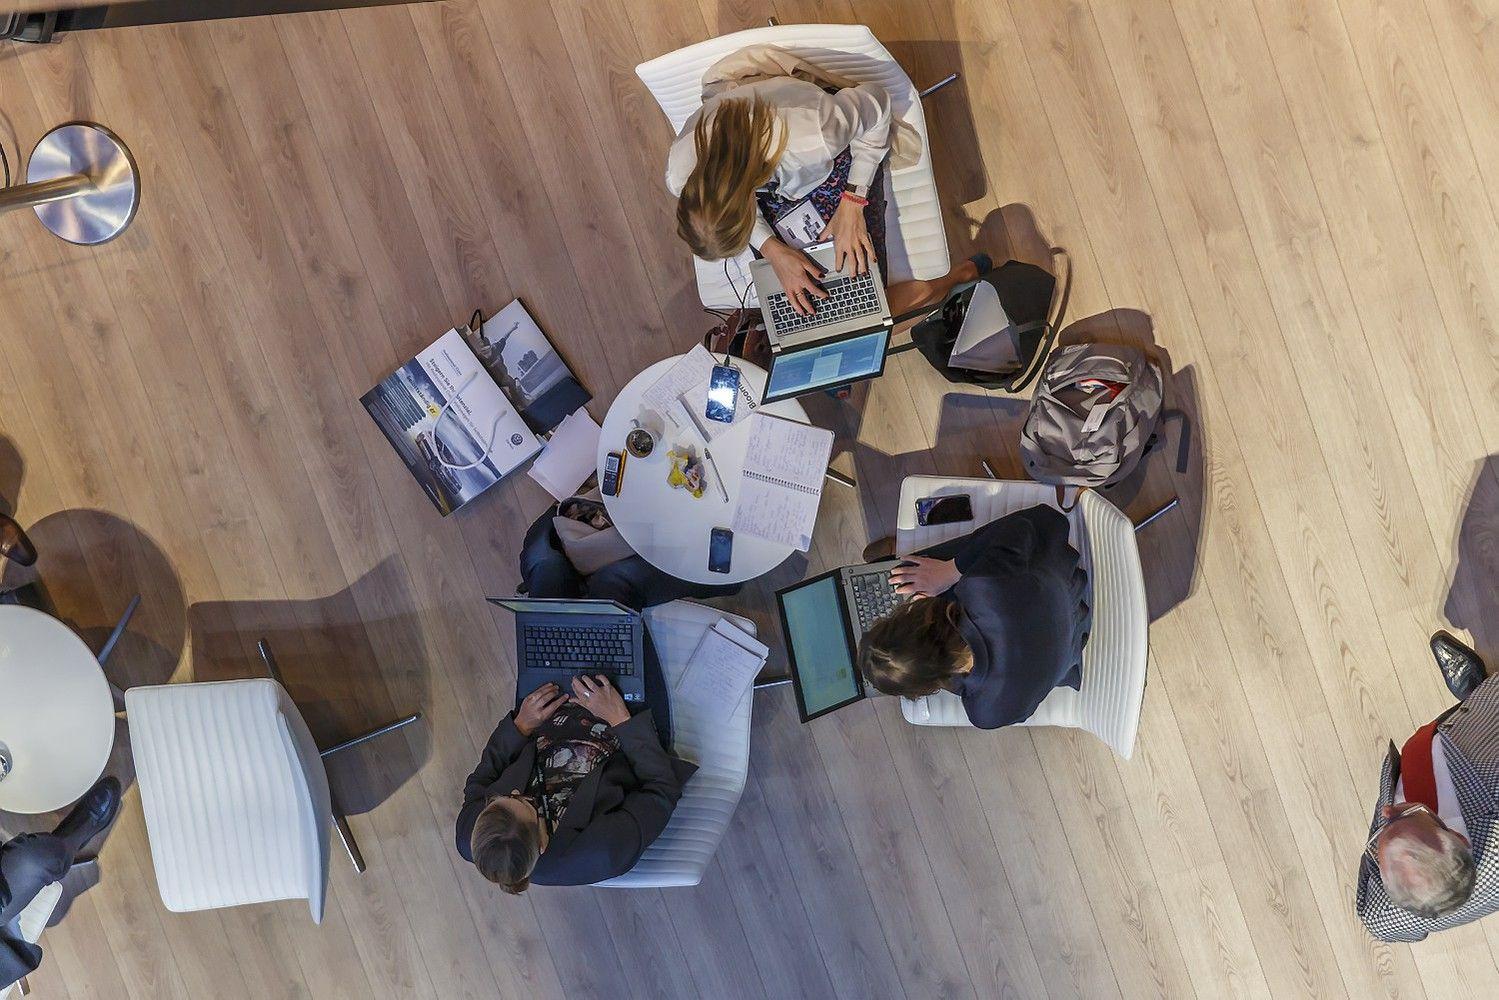 Jaunų įmonių Estijoje dvigubai daugiau, bet lietuviškose daugiau optimizmo